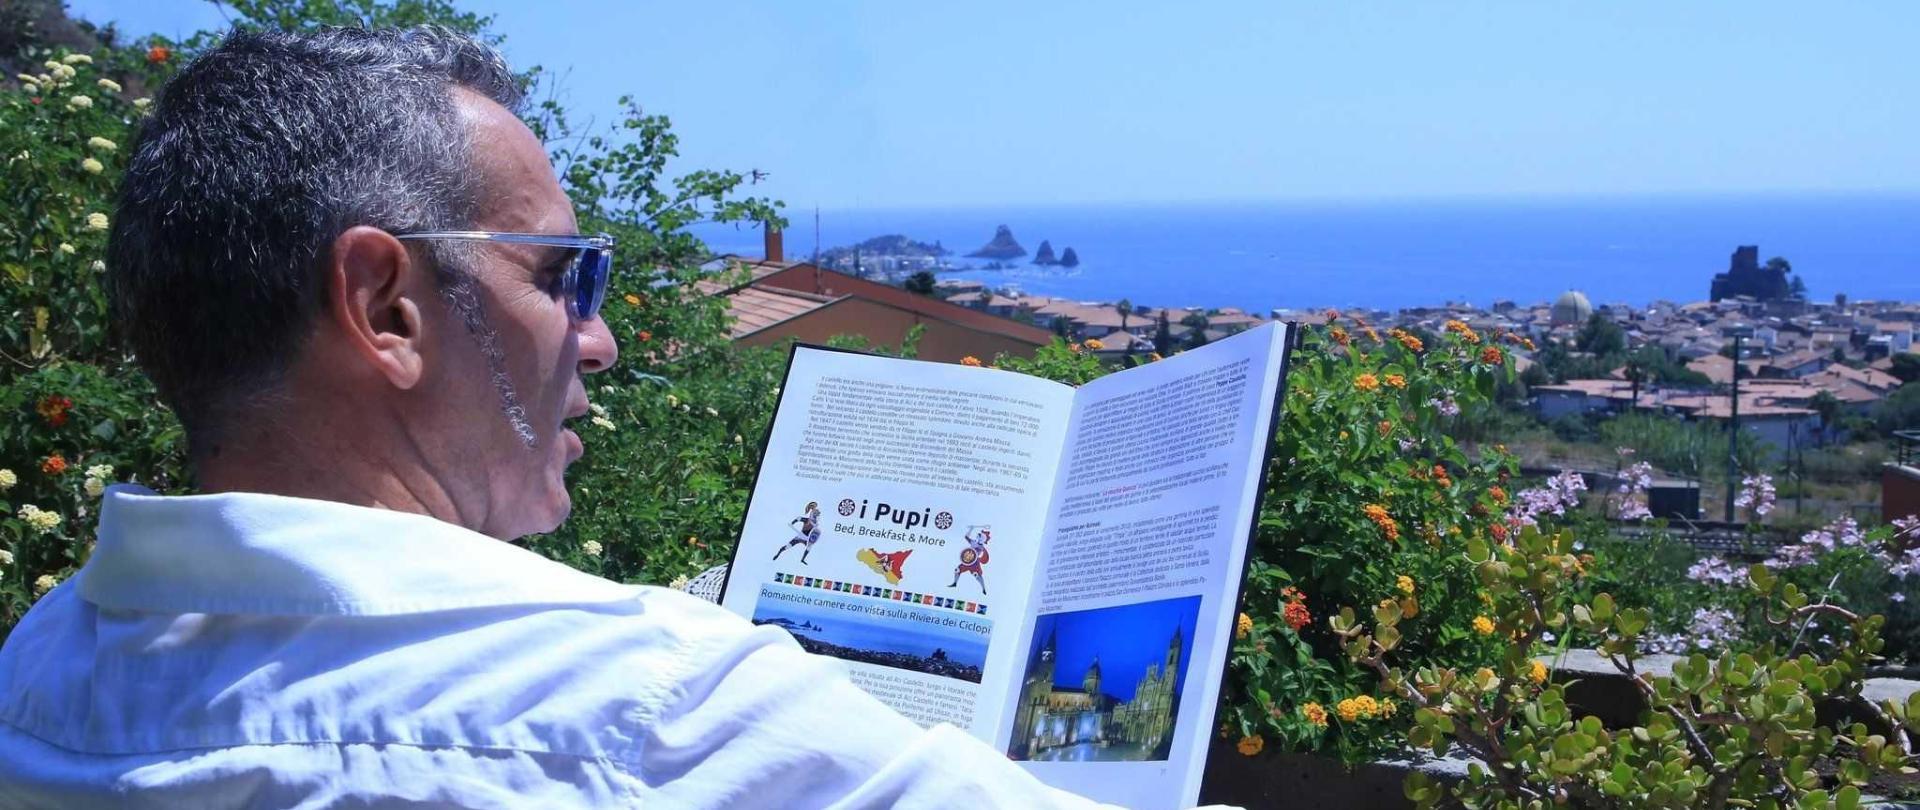 lettorein-giardino.jpg